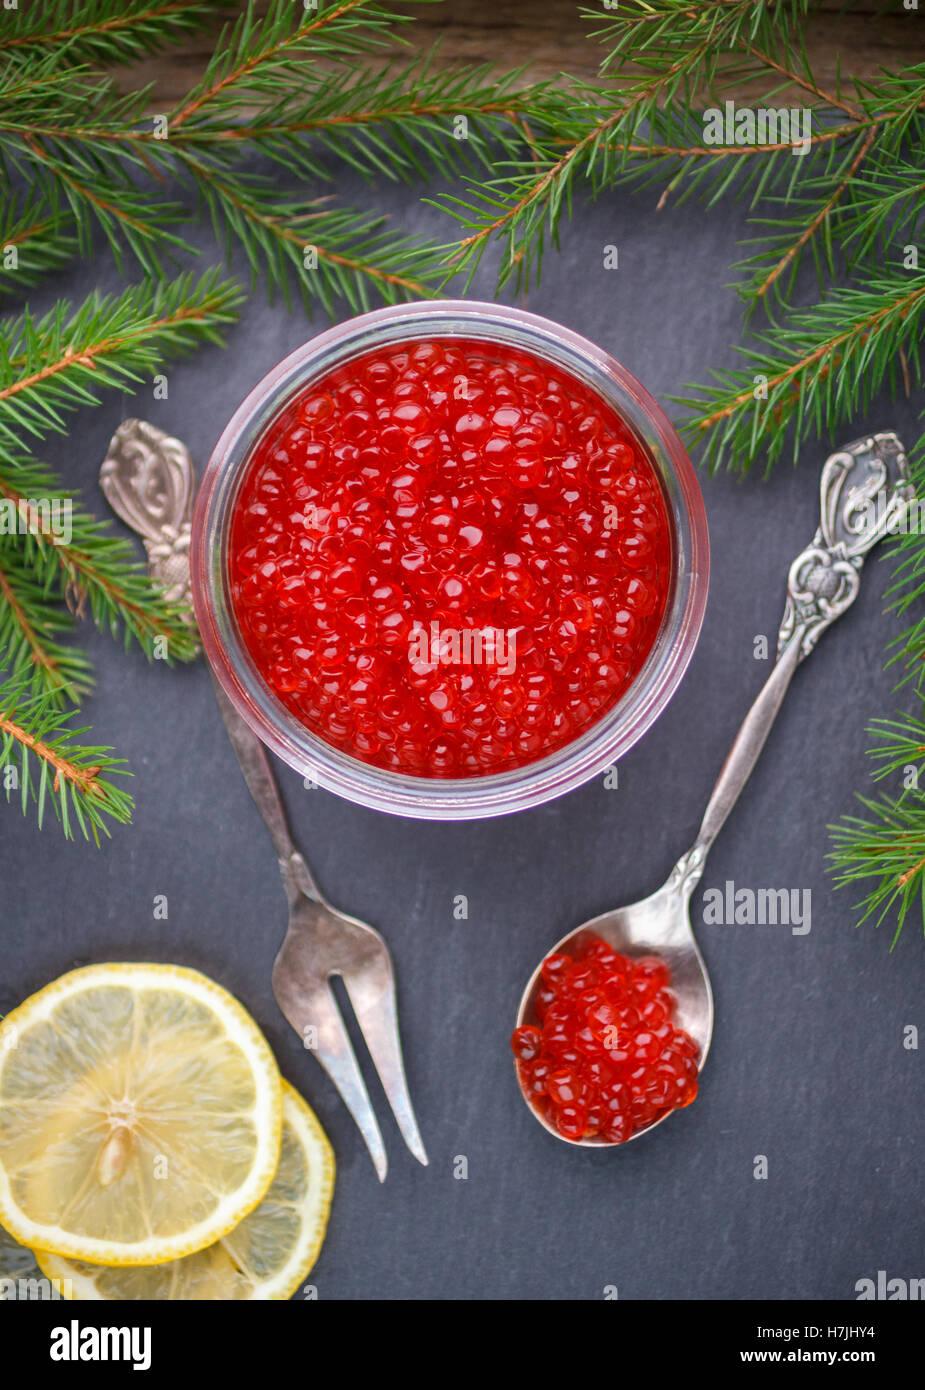 Red salmon caviar and lemon. Selective focus - Stock Image